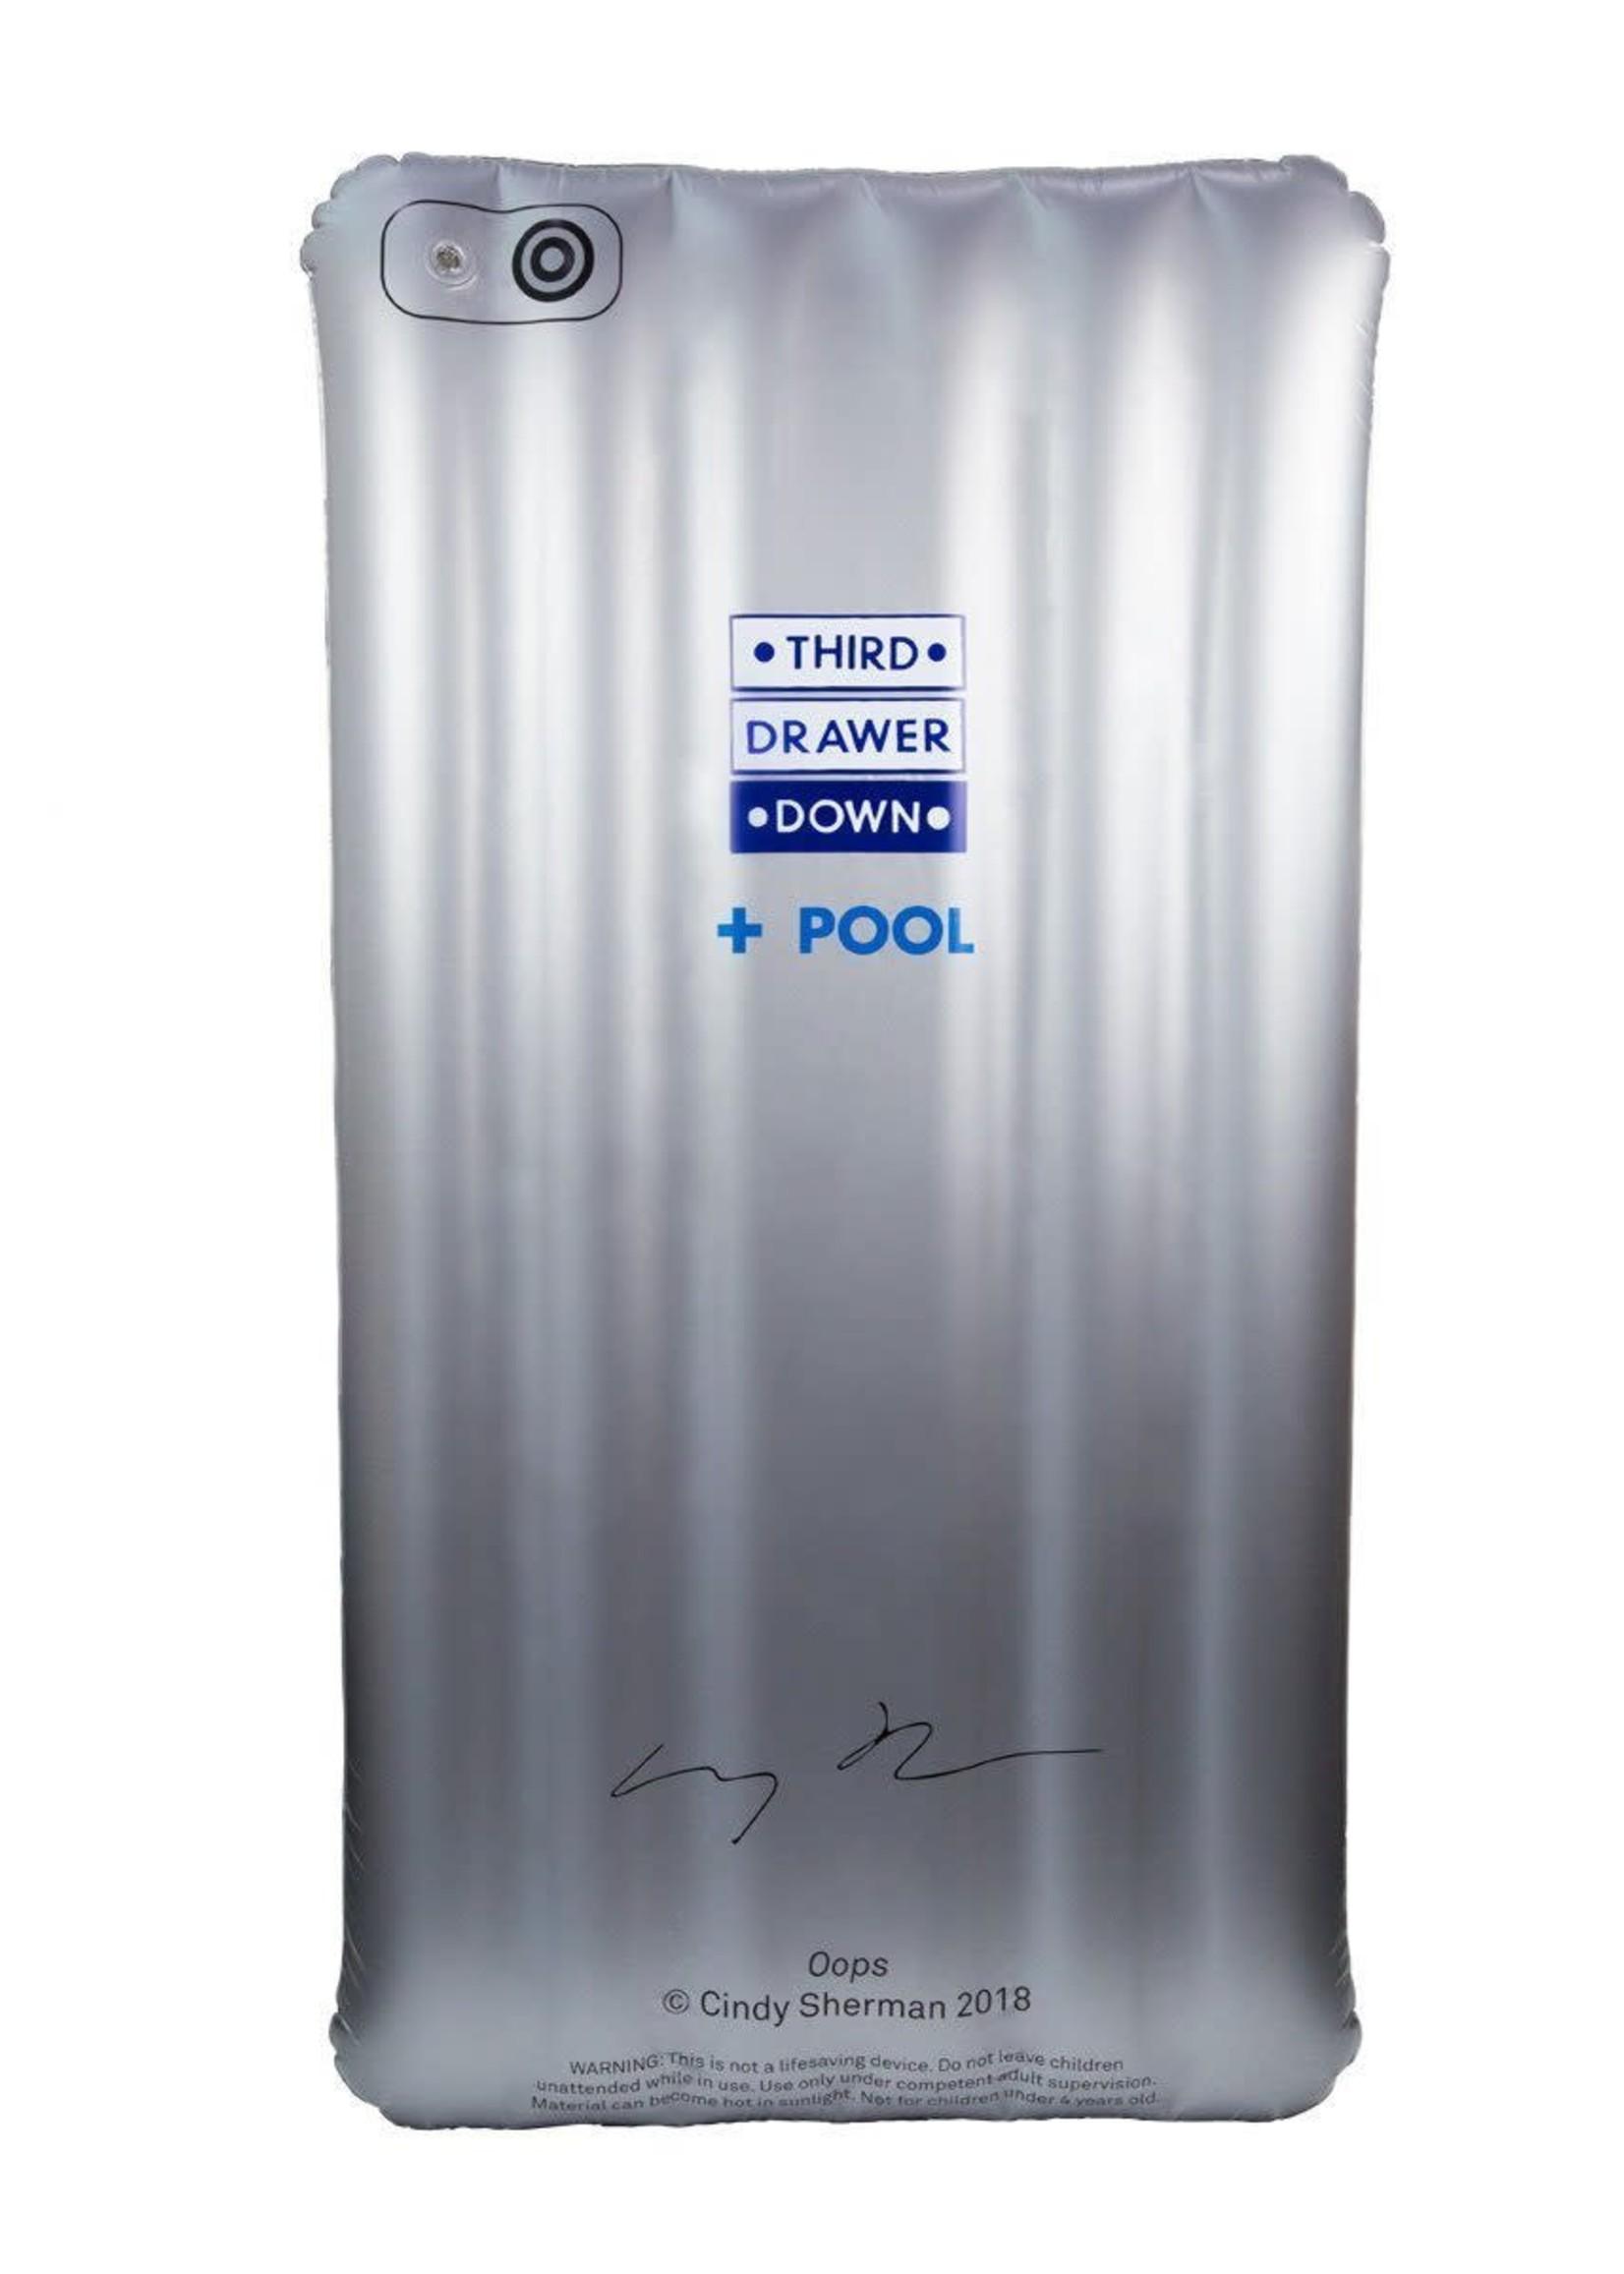 Cindy Sherman Insta Selfie Pool Float